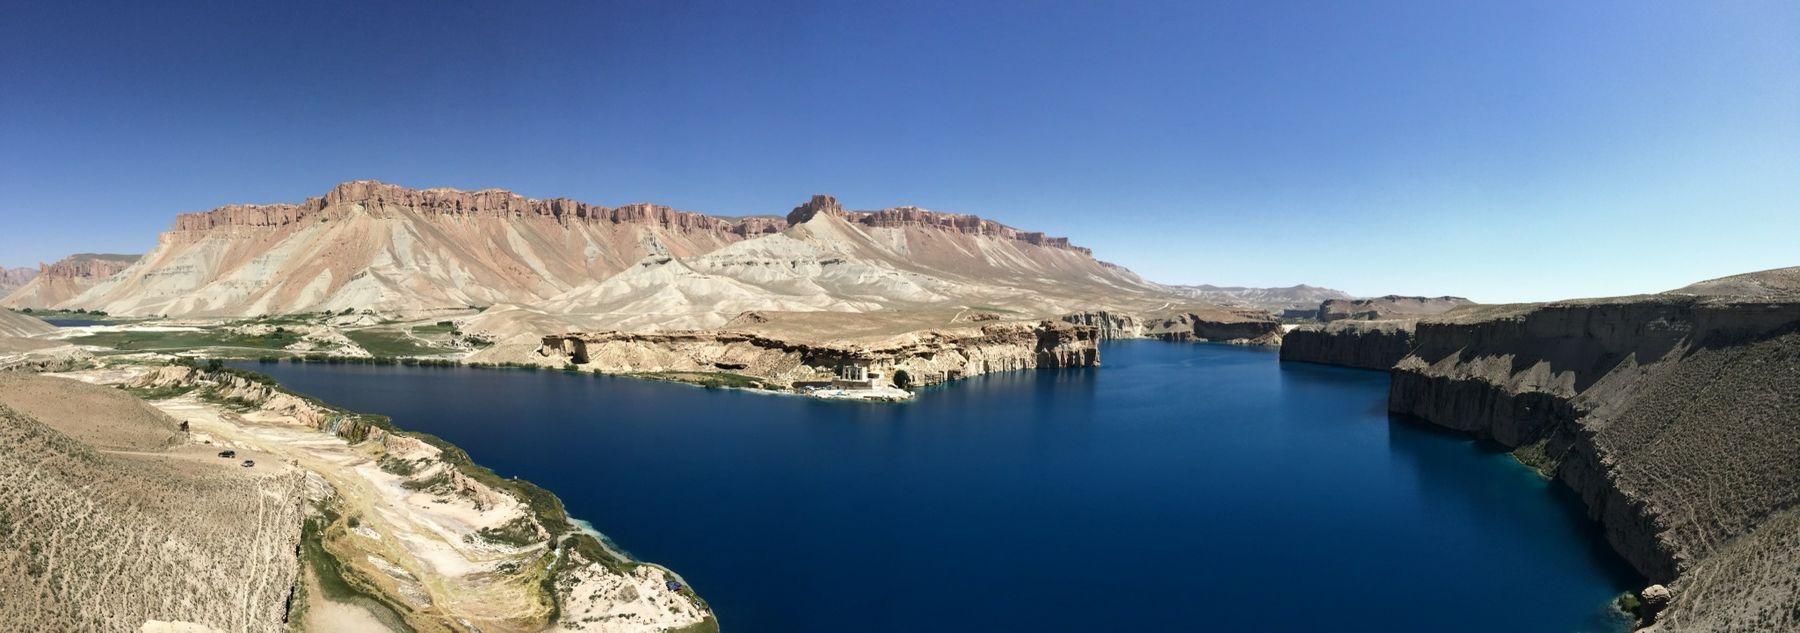 Bandi Amir